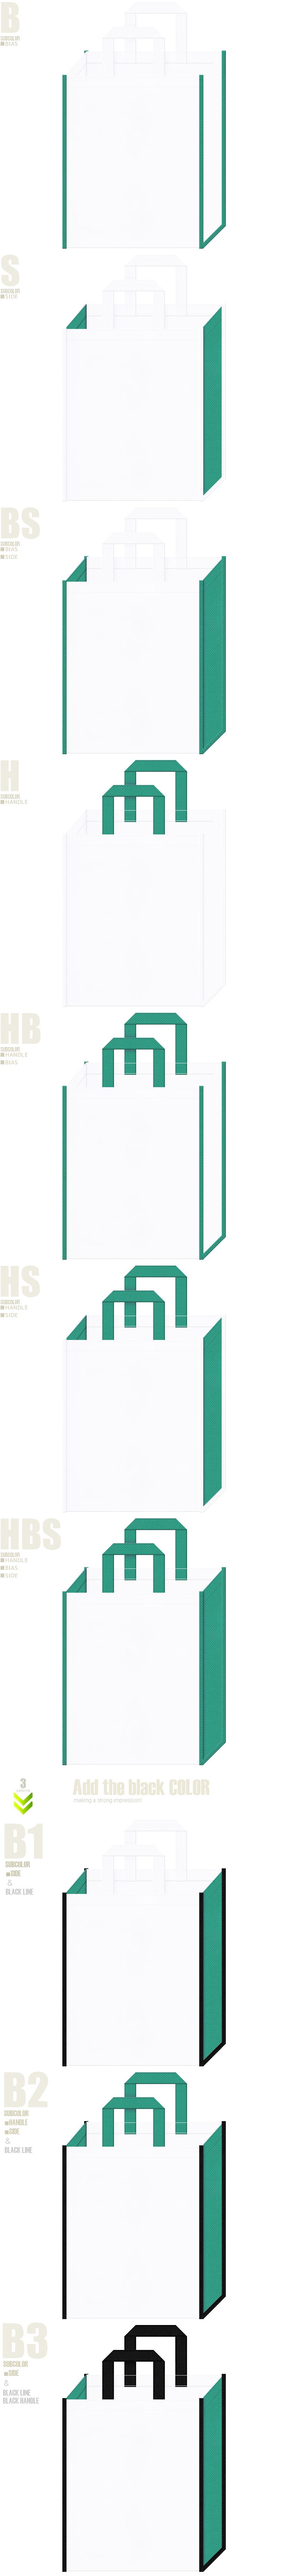 白色と青緑色の不織布バッグデザイン。掃除・洗濯・クリーニング・デンタル用品の展示会用バッグにお奨めです。